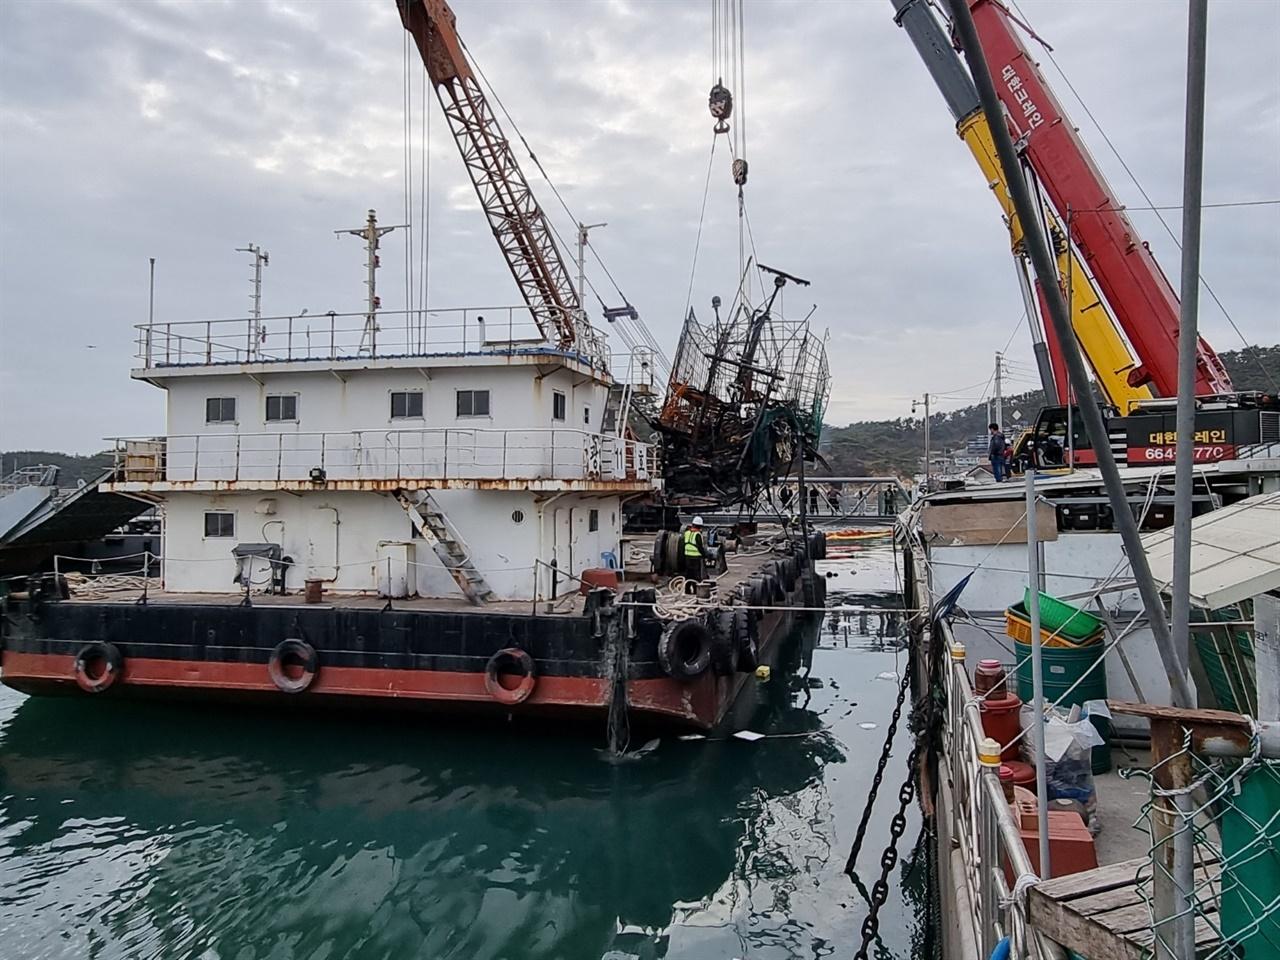 인양되는 사고추정 선적 최초 발화된 것으로 추정되는 어선에 대한 인양작업이 지난 2일 진행되고 있다. 전문업체가 아닌 폐기물업체가 인양작업을 맡아 뒷말도 무성하다.